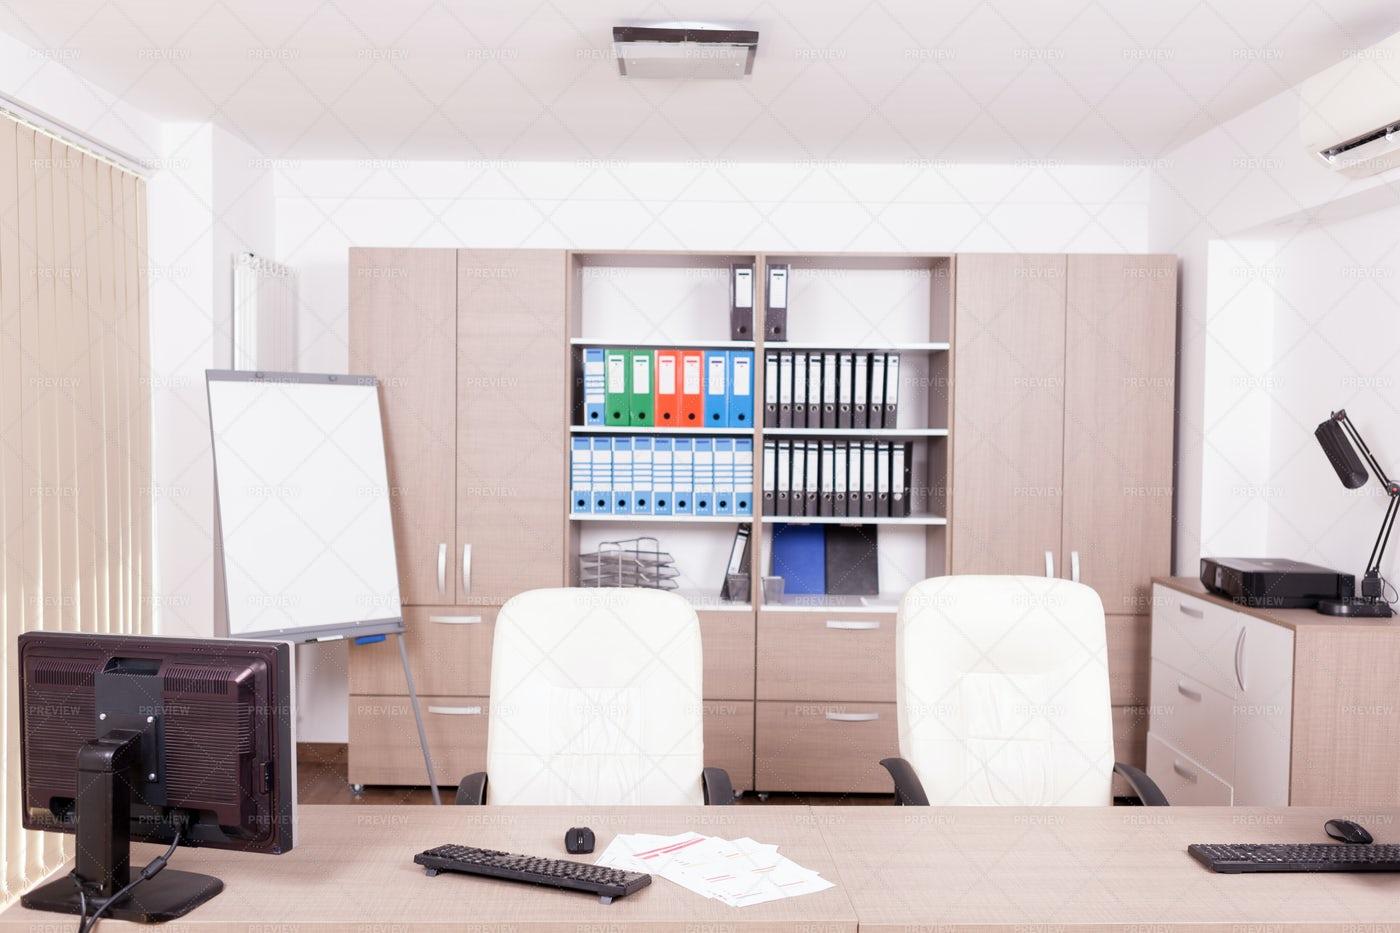 An Empty Modern Office: Stock Photos